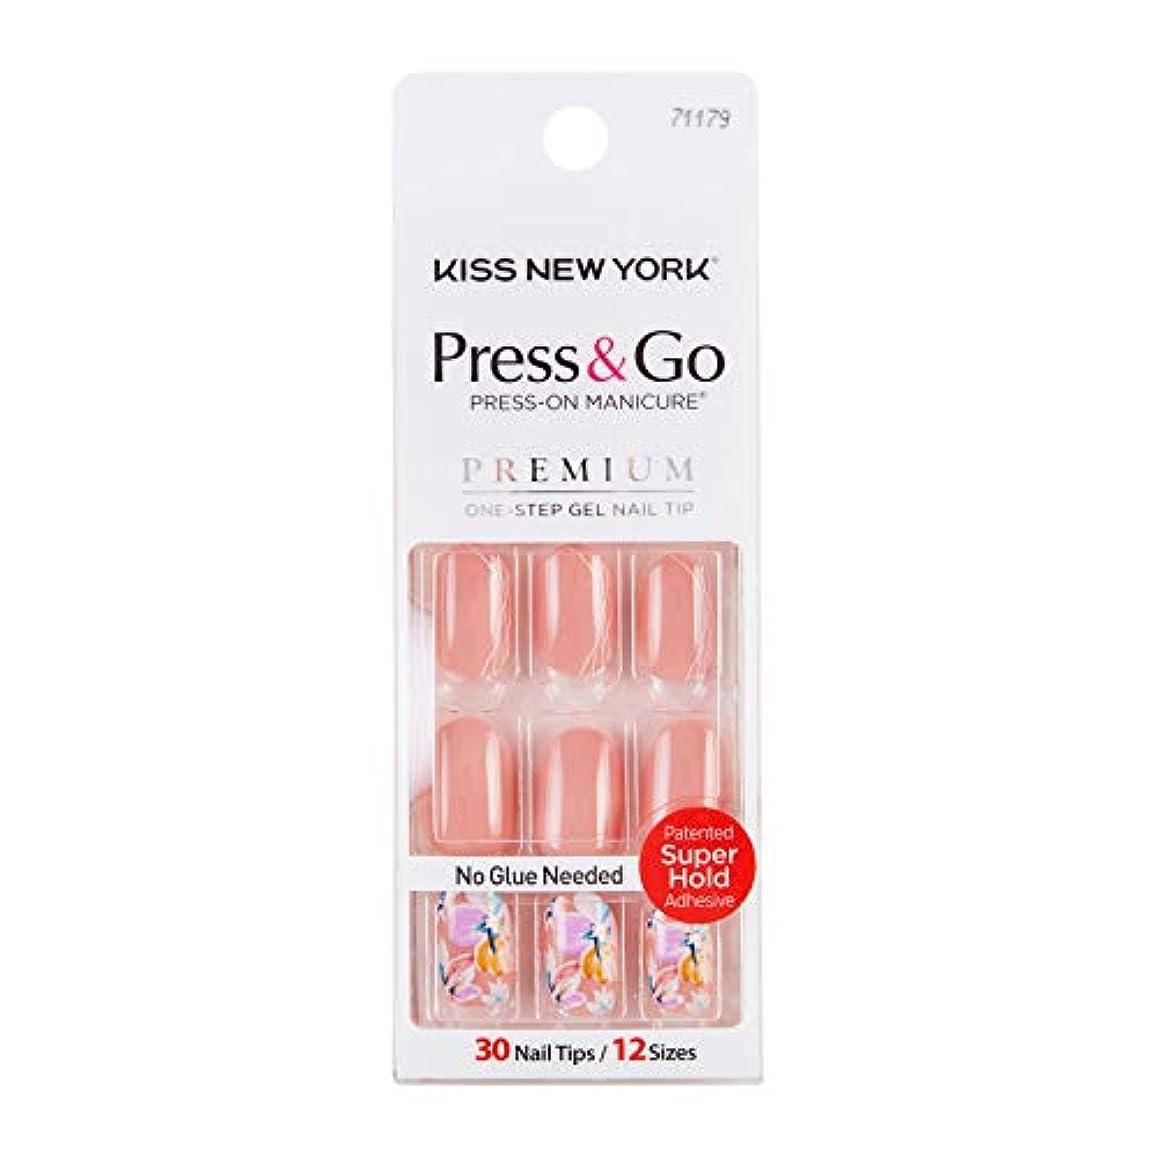 兄弟愛クレーターケーキキスニューヨーク (KISS NEW YORK) KISS NEWYORK ネイルチップPress&Go BHJ27J 19g